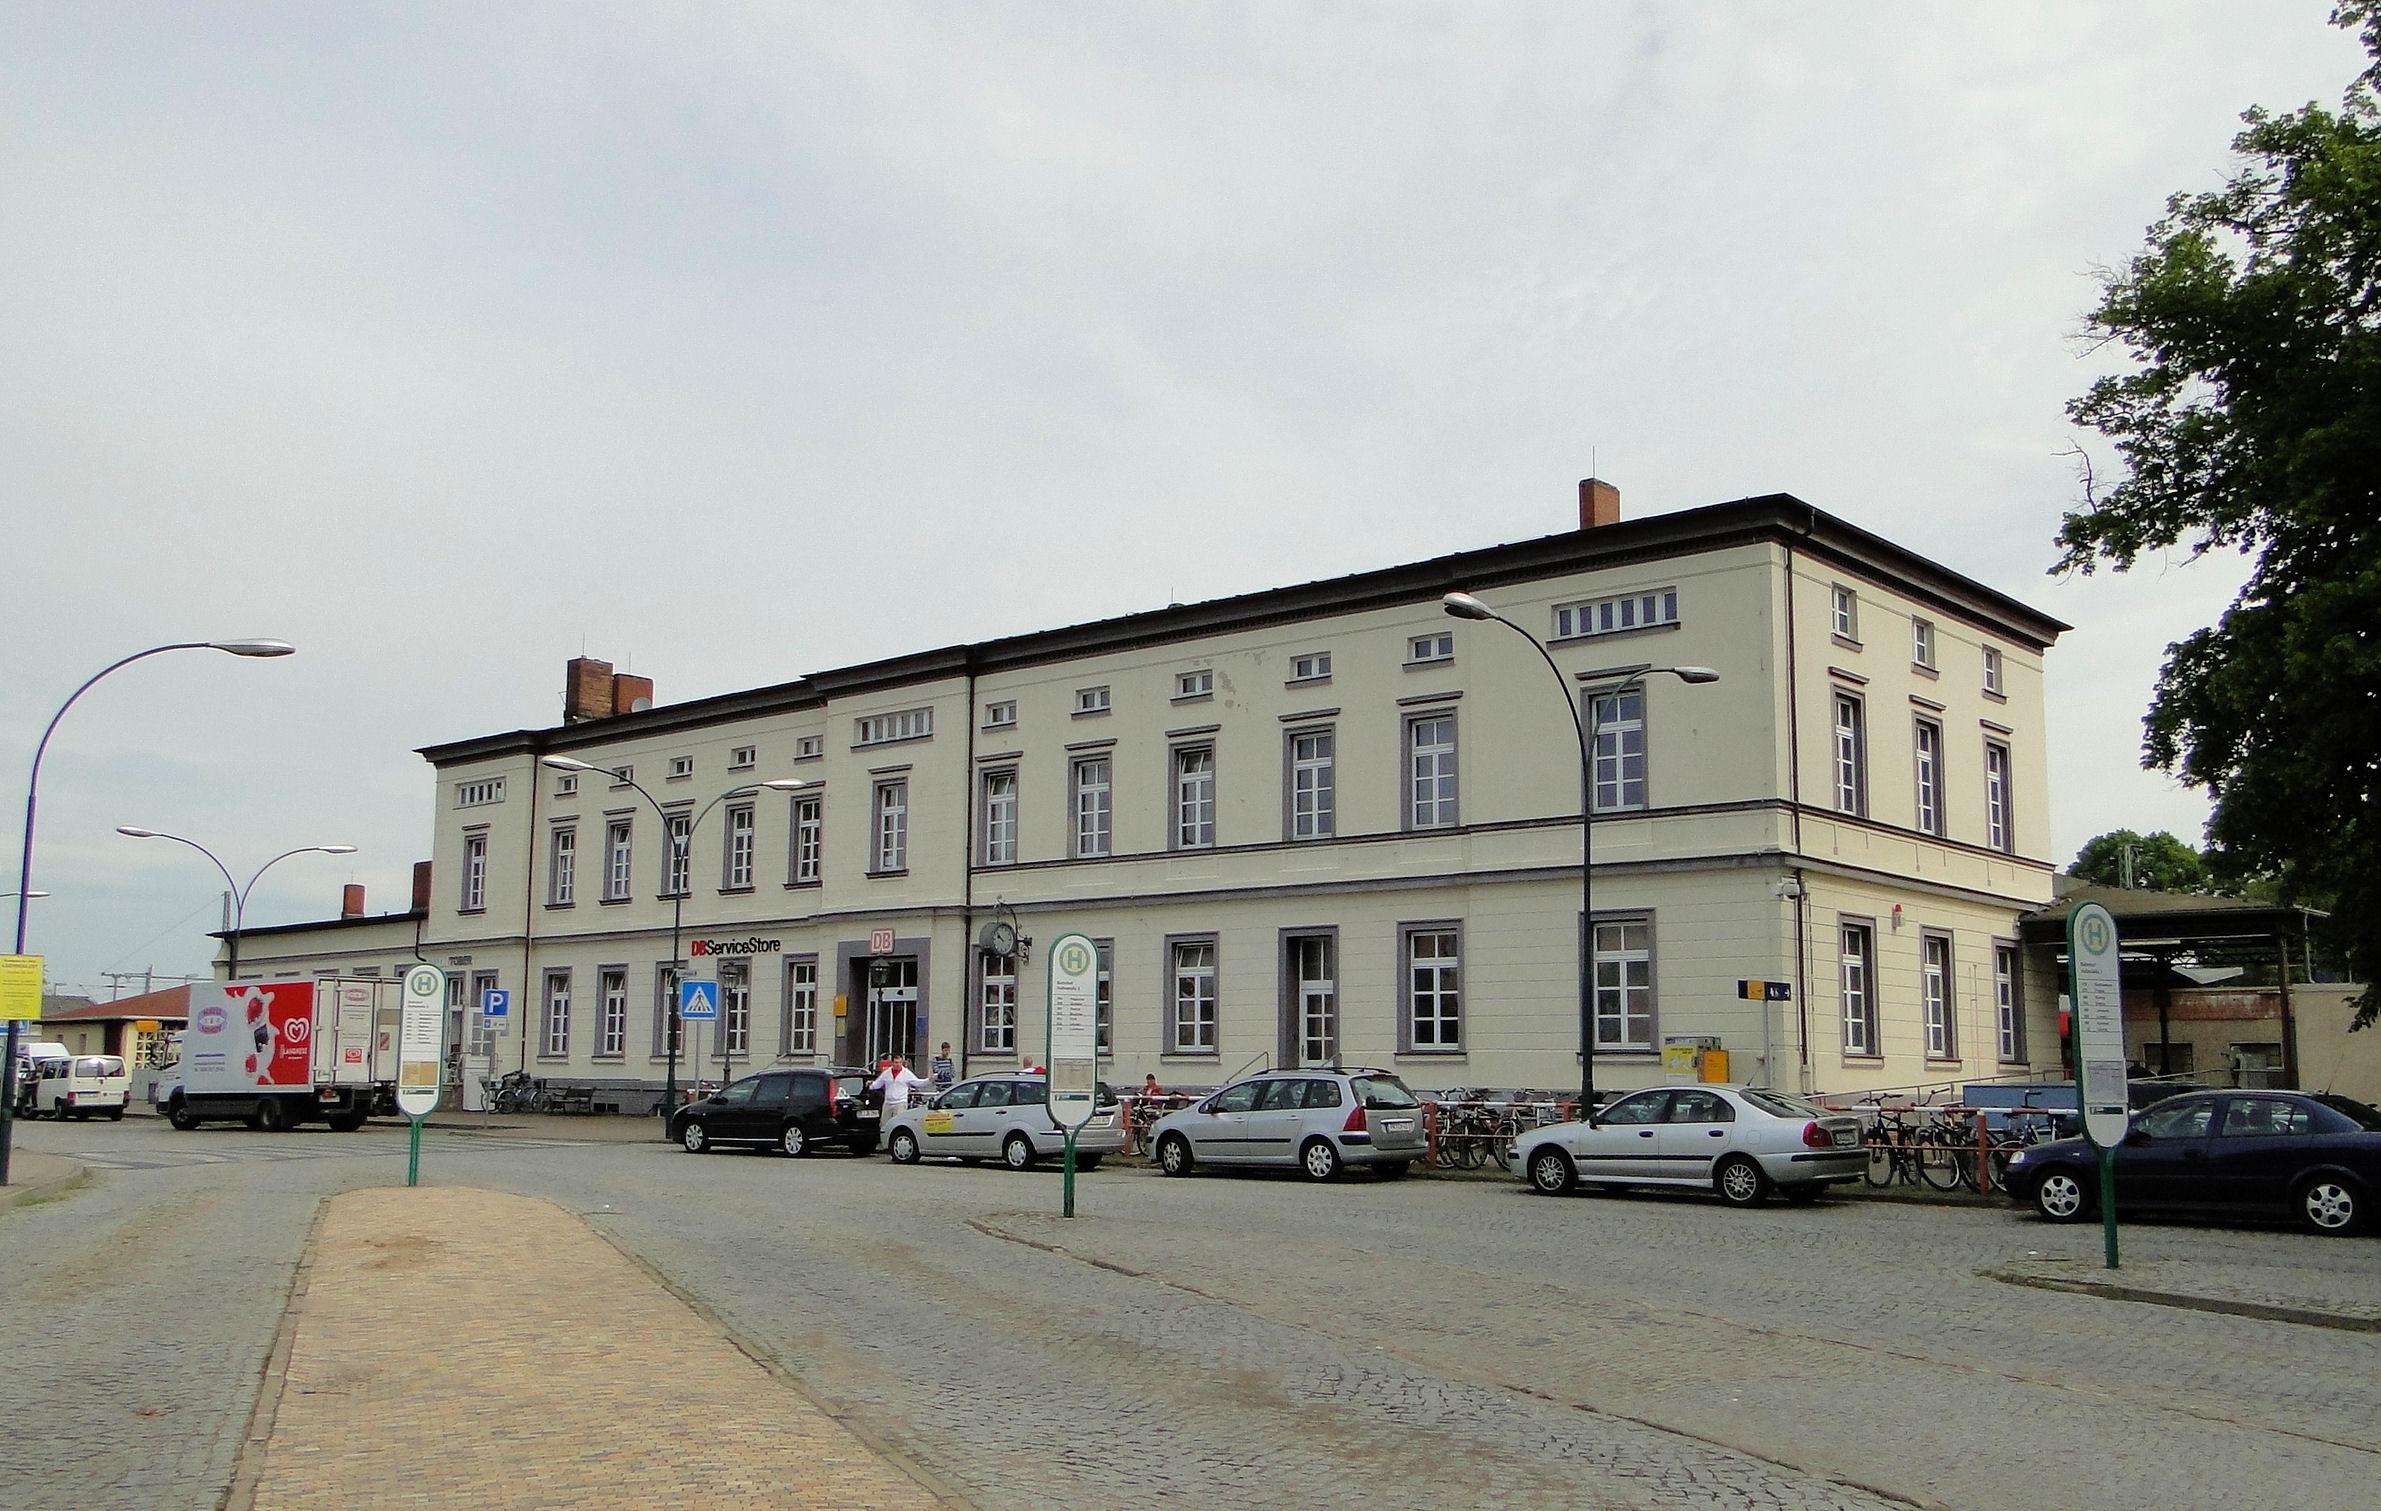 Bahnhof Ludwigslust